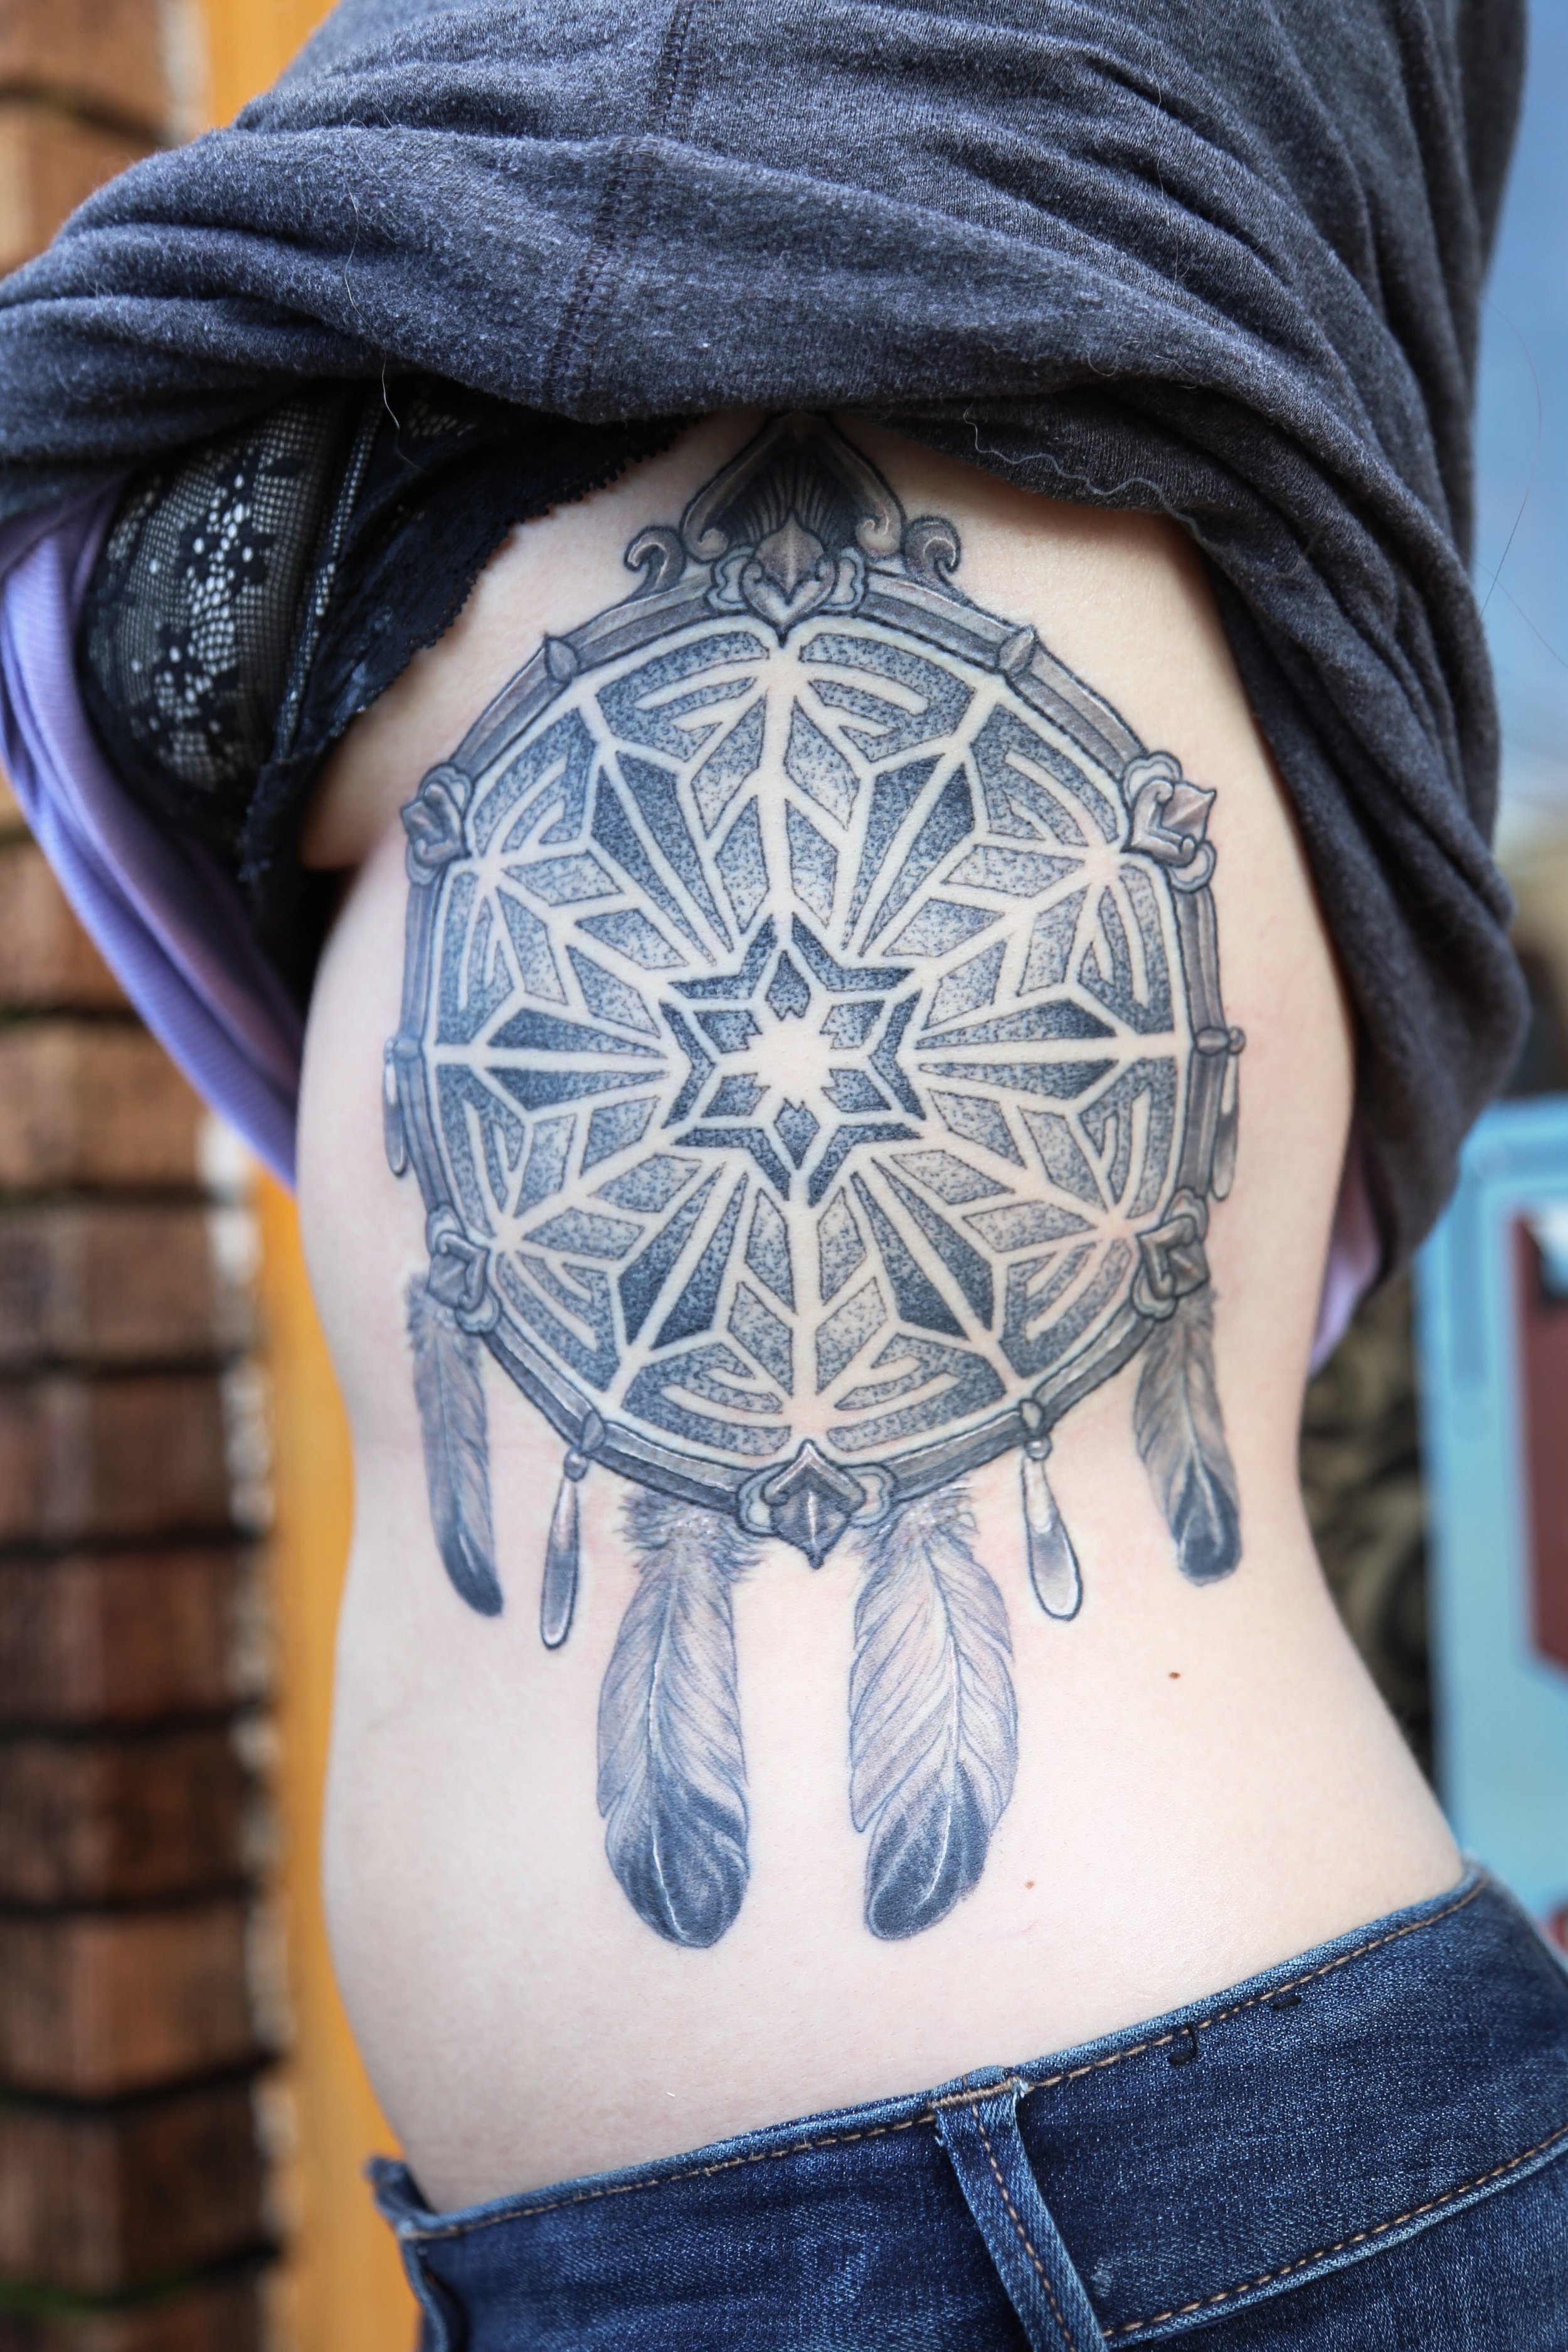 enrique bernal ejay tattoo dallas texas dream catcher mandala.jpeg